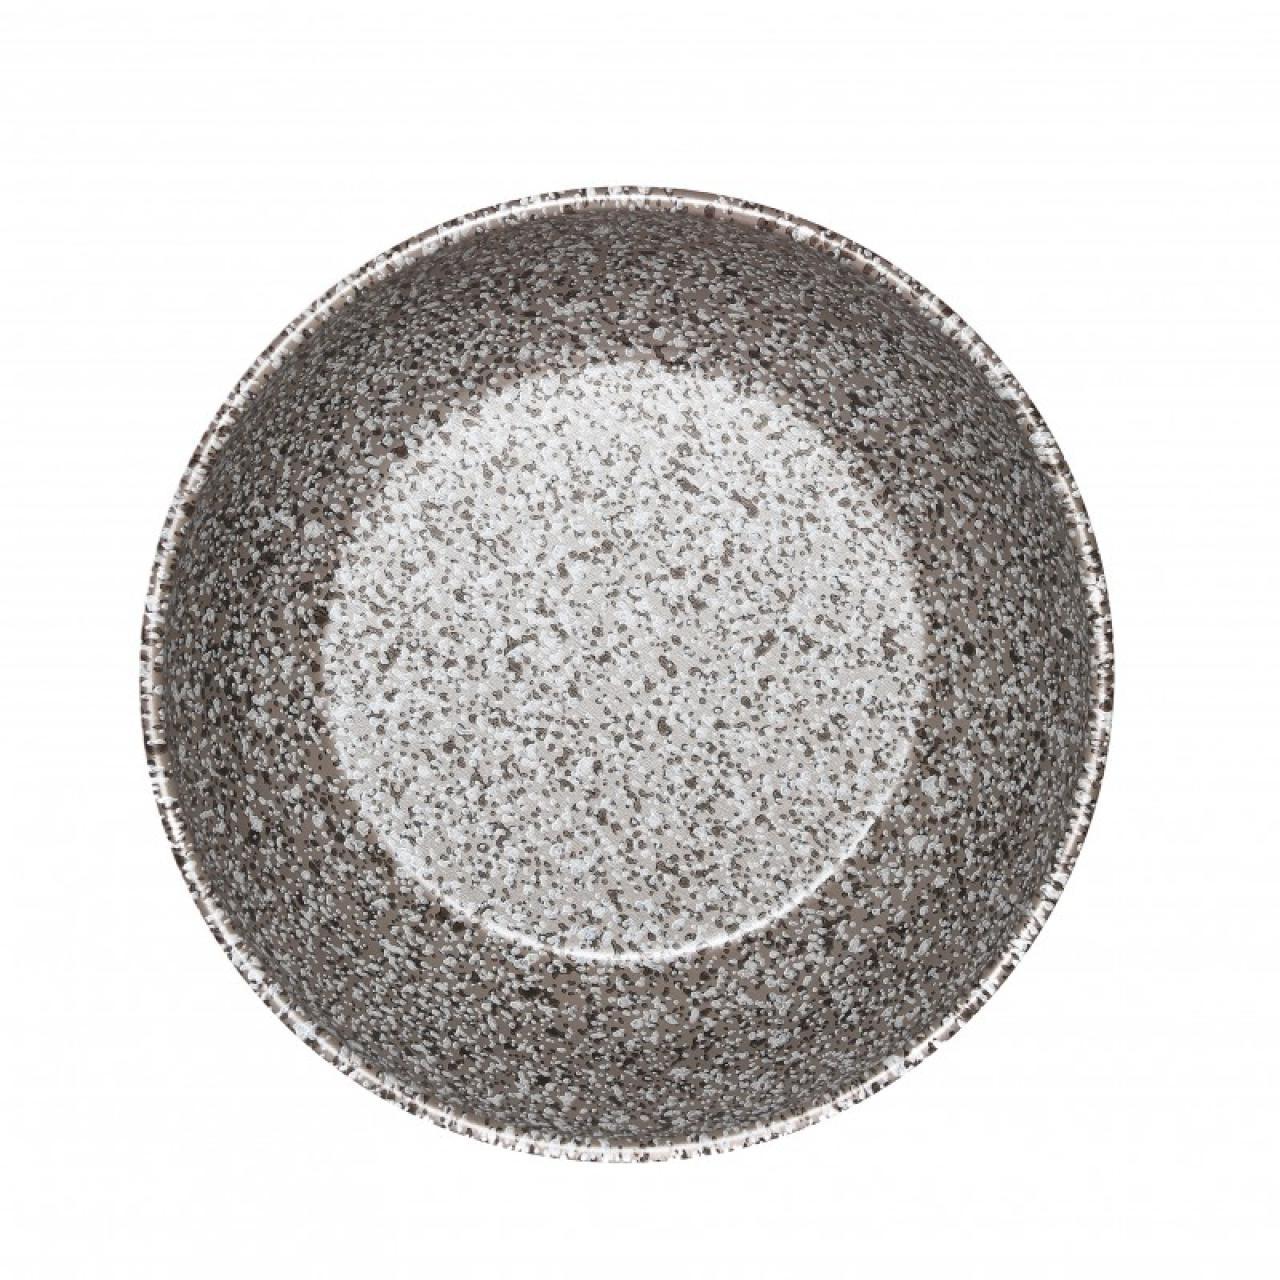 COLLECTION STONE ČESKÁ MISKA jídelní, antiadhez PTFE, design kámen